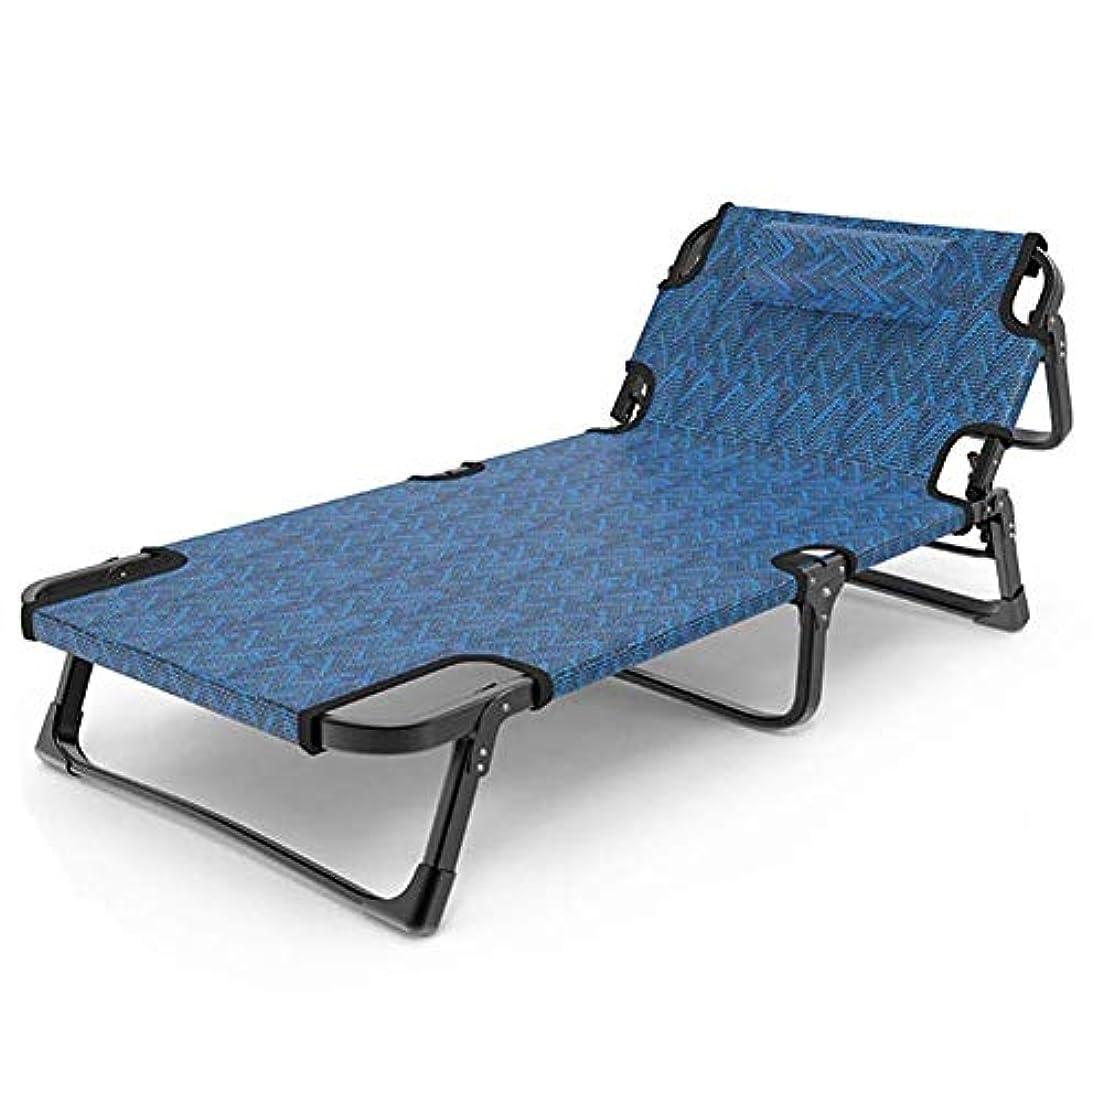 懺悔もろい消費屋外のキャンプ及び家/オフィスの仮眠のための携帯用折るベッドのキャンプ用ベッドの折り畳み式のラウンジャー